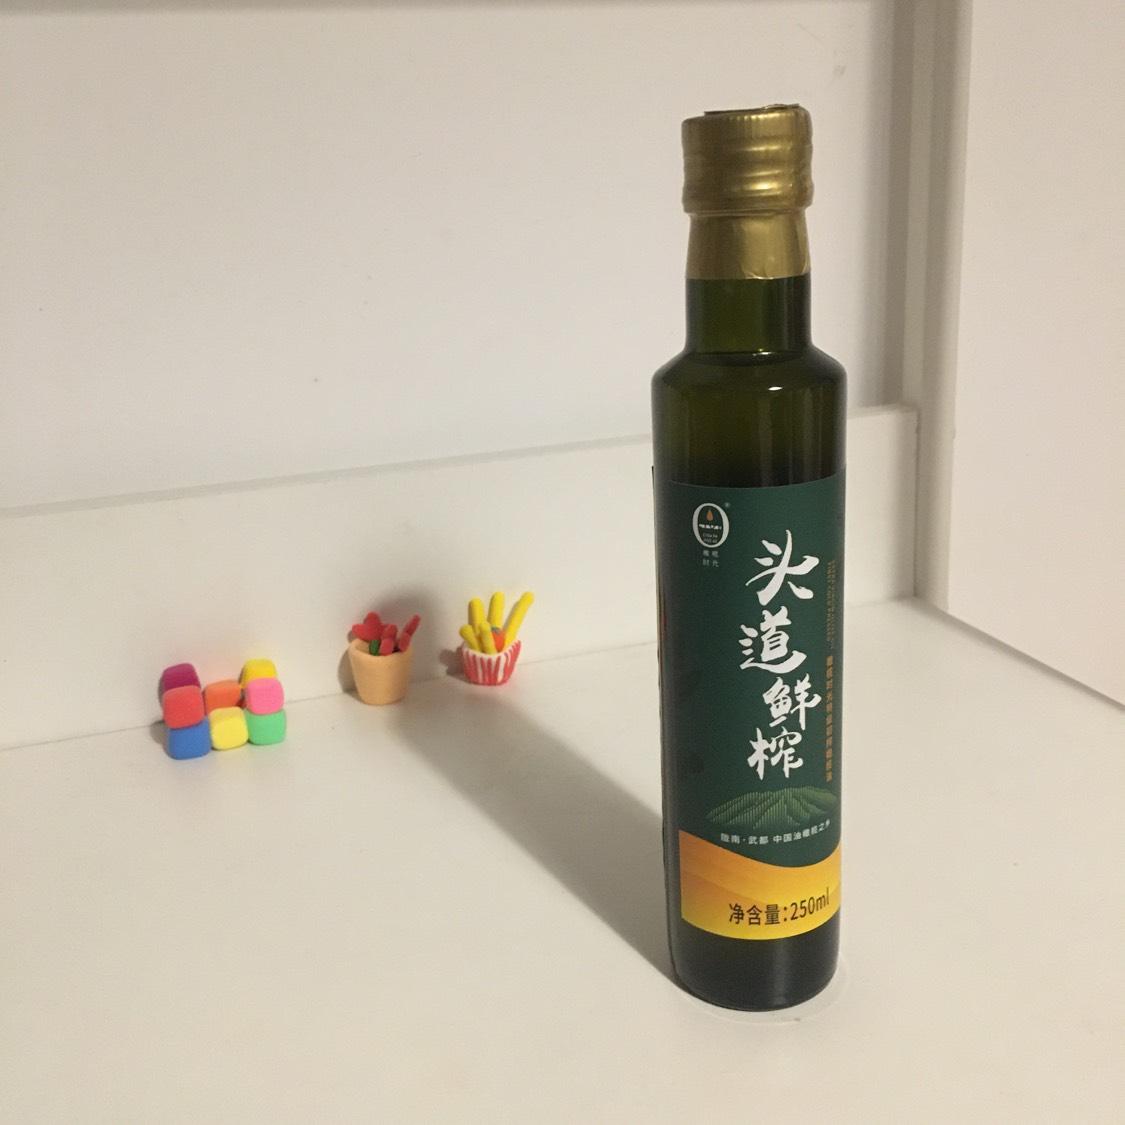 橄榄时光头道鲜榨橄榄油250ml